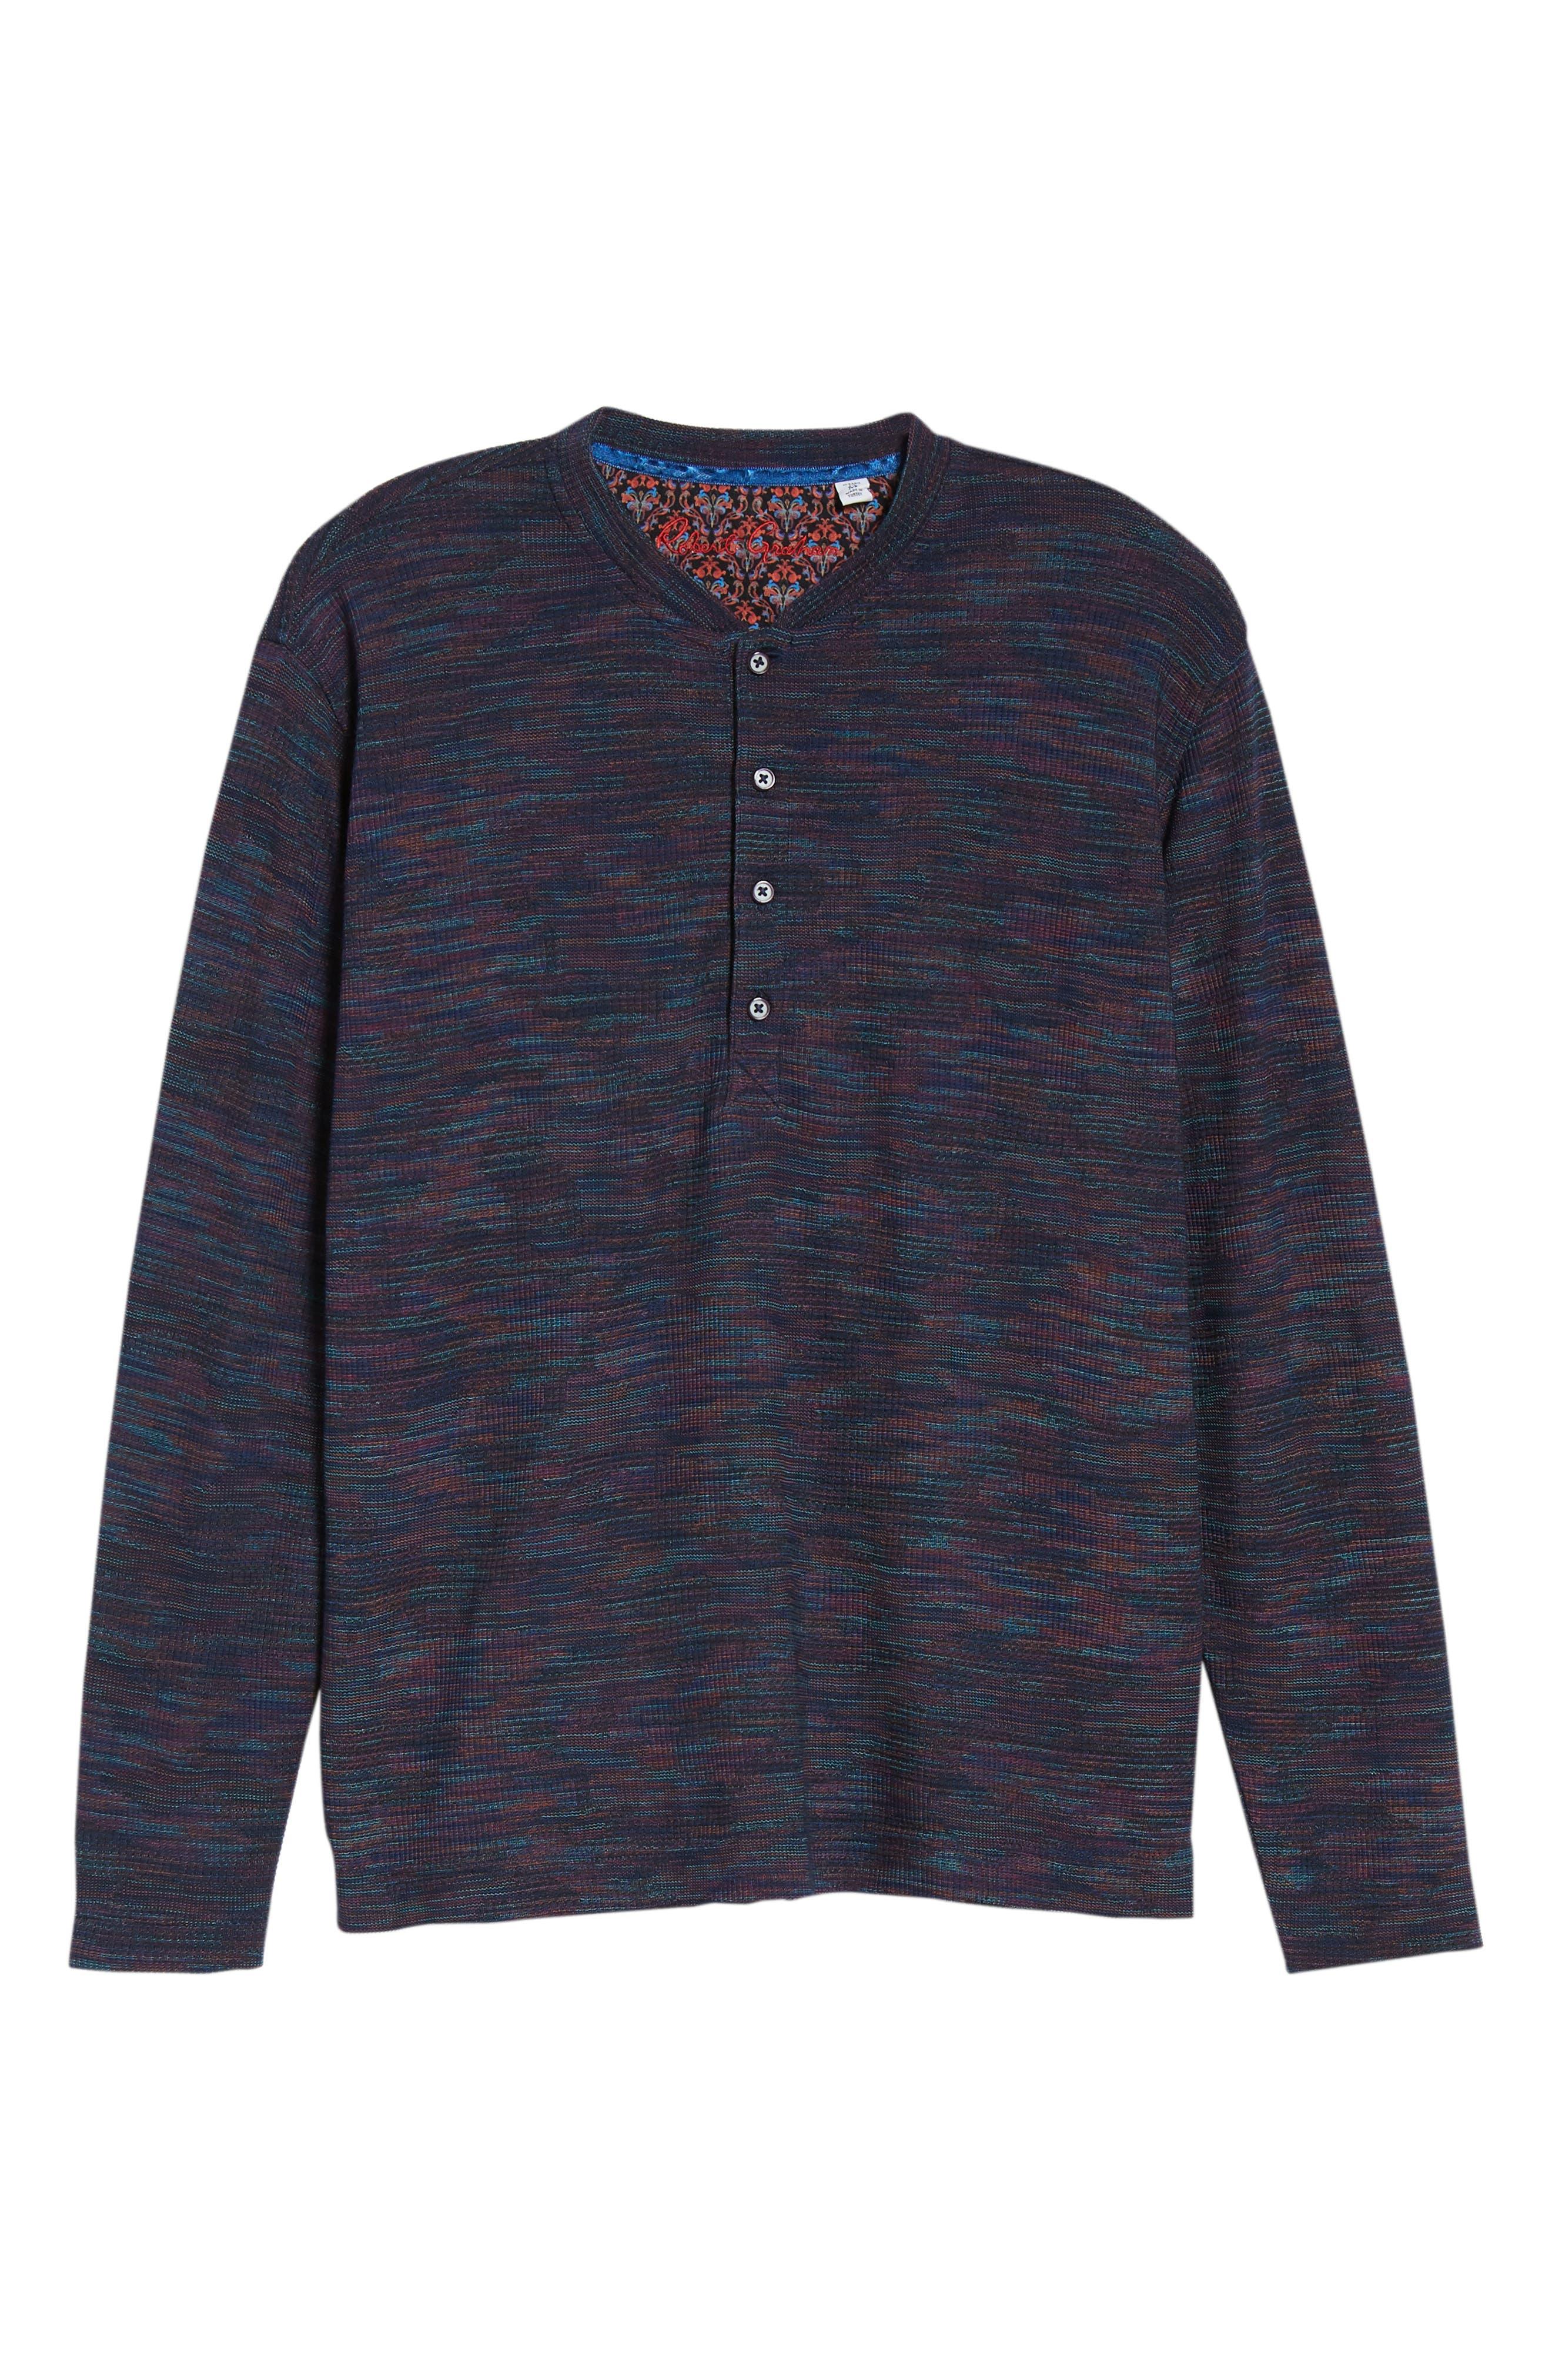 Forster Long Sleeve Henley Shirt,                             Alternate thumbnail 6, color,                             NAVY